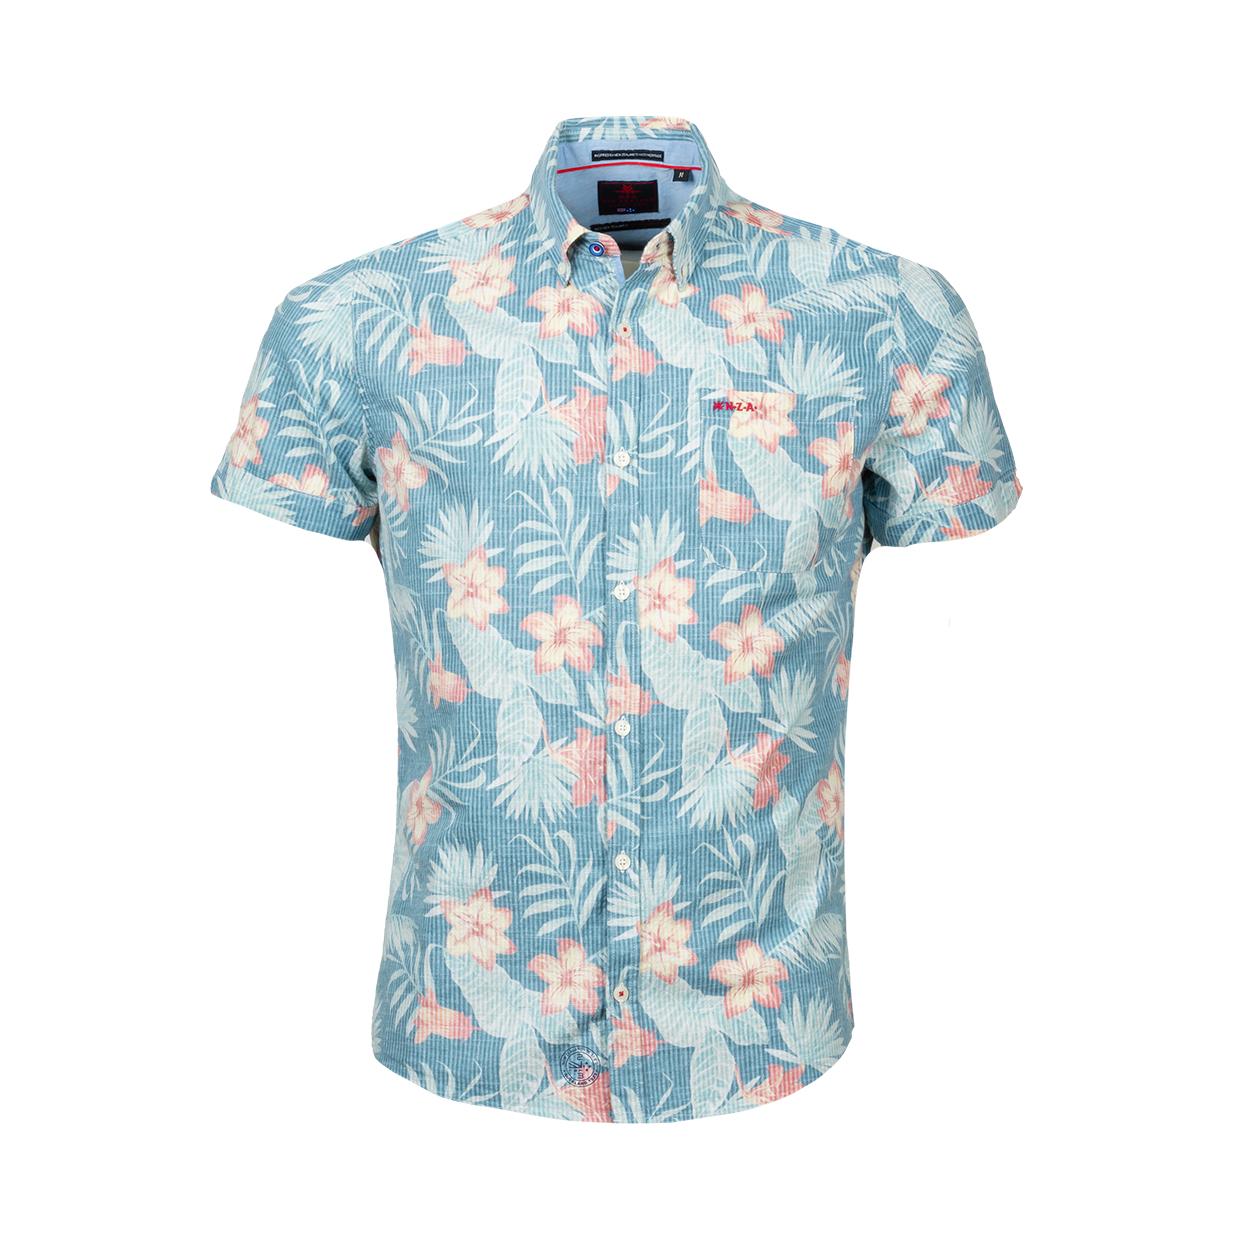 Chemise ajustée manches courtes New Zealand Auckland Hamilton en coton bleu ciel à fleurs